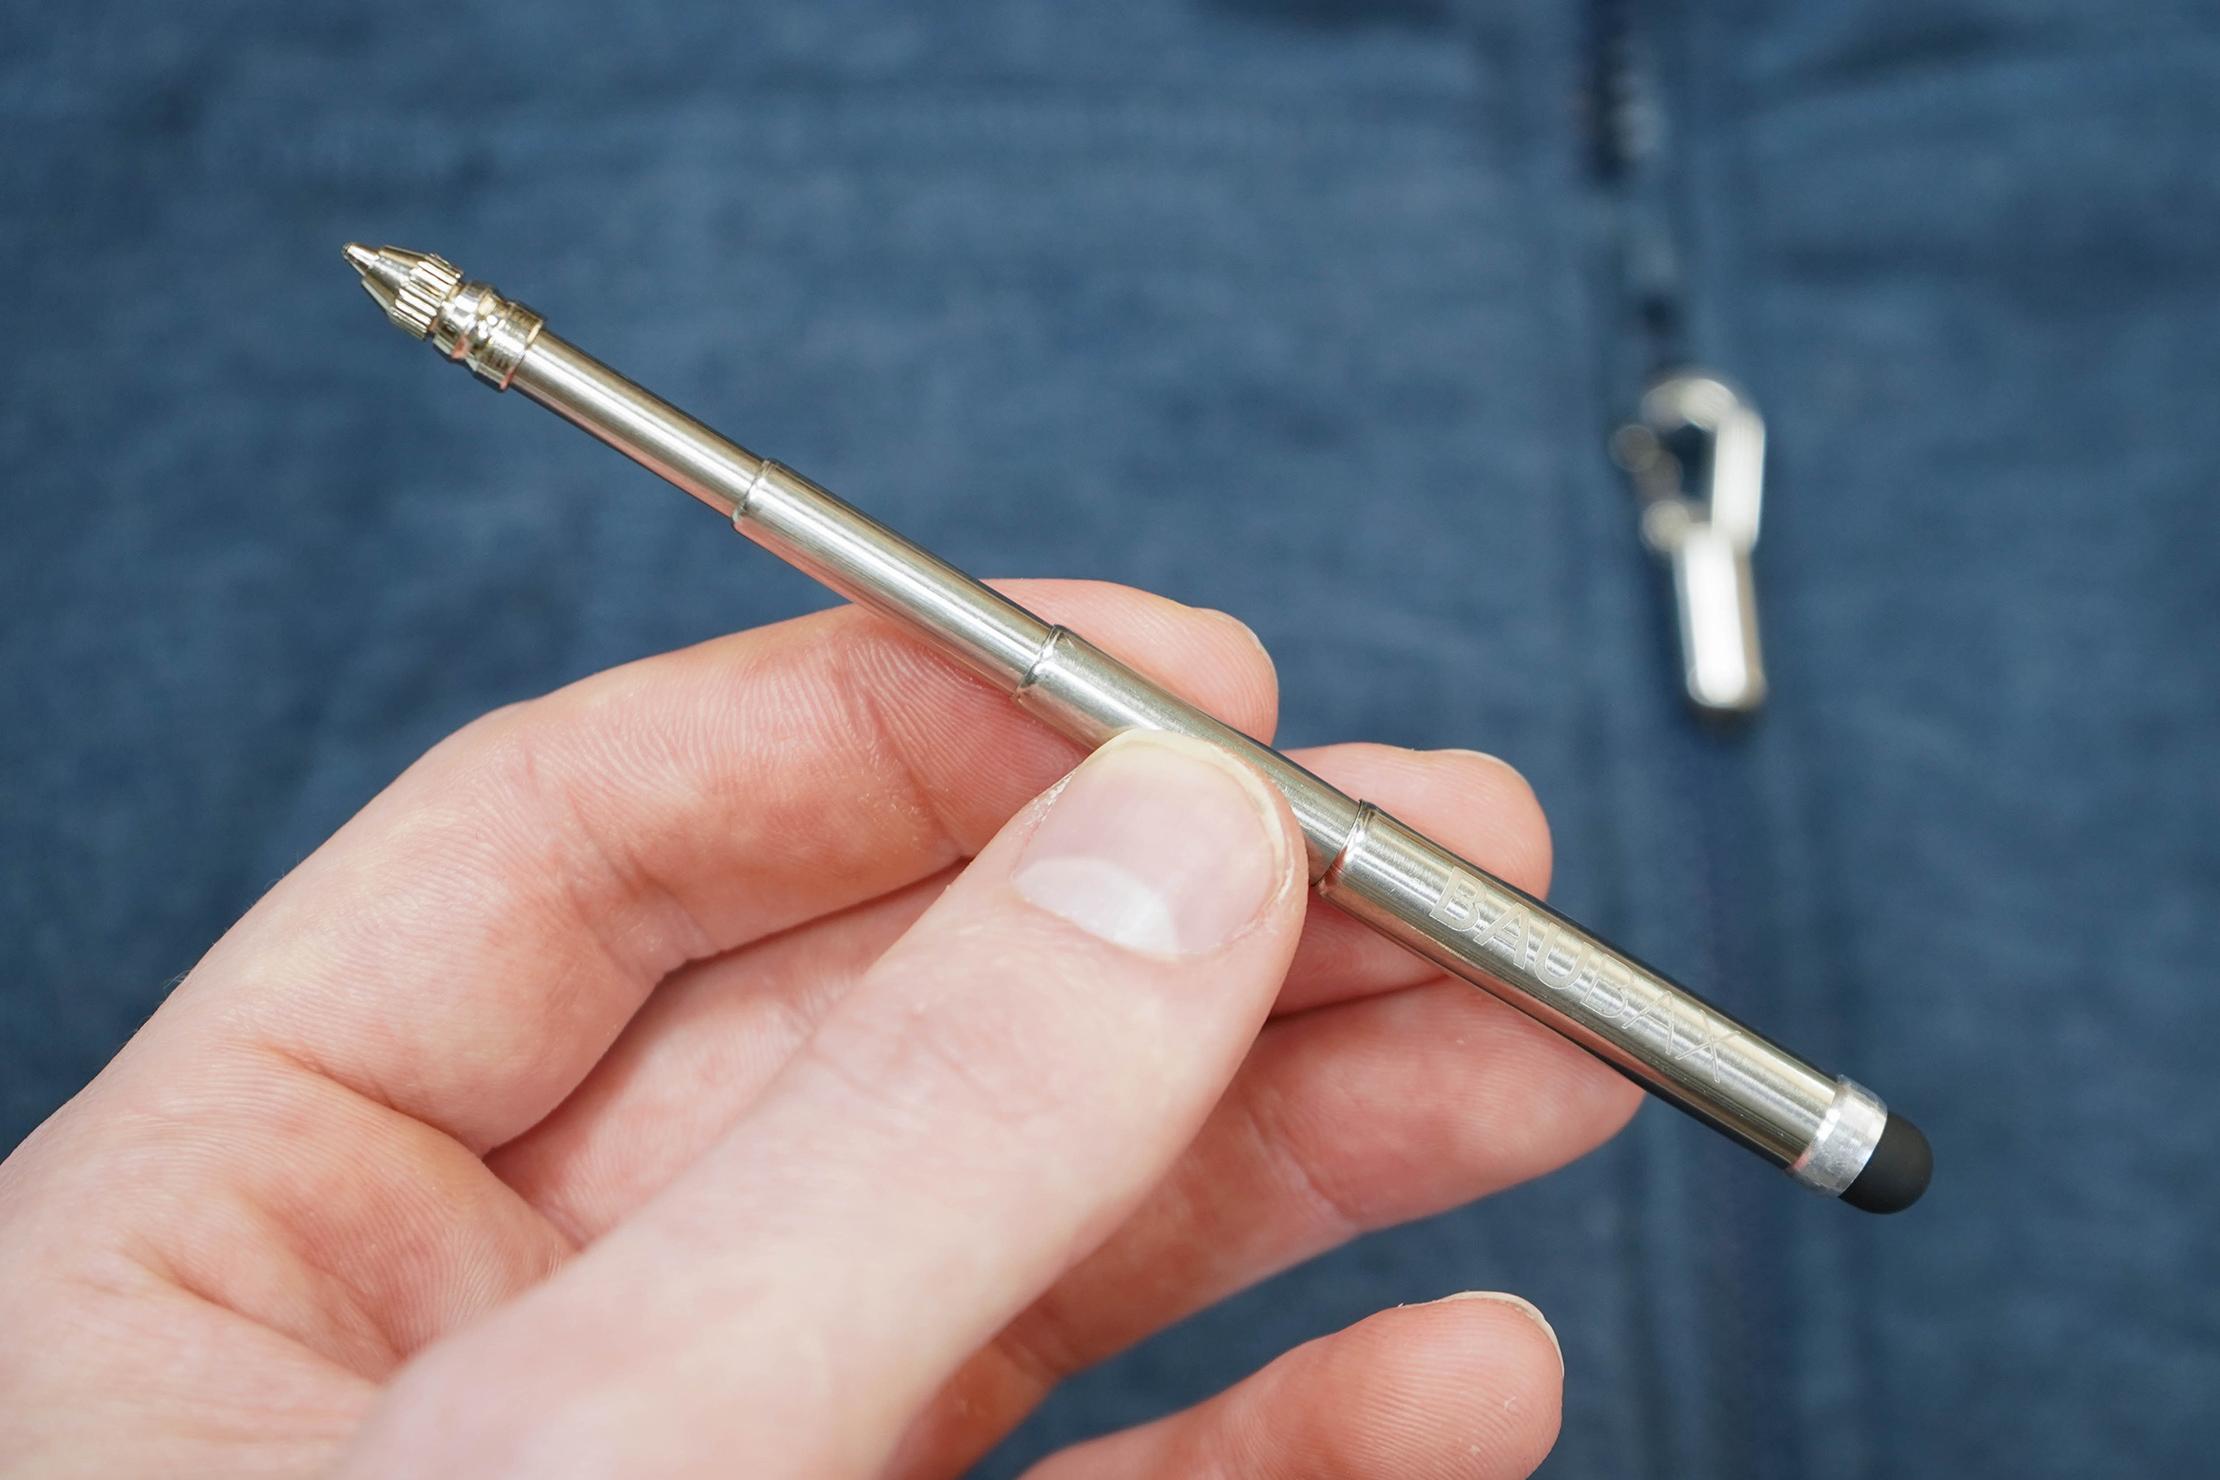 BauBax Sweatshirt 2.0 Pen